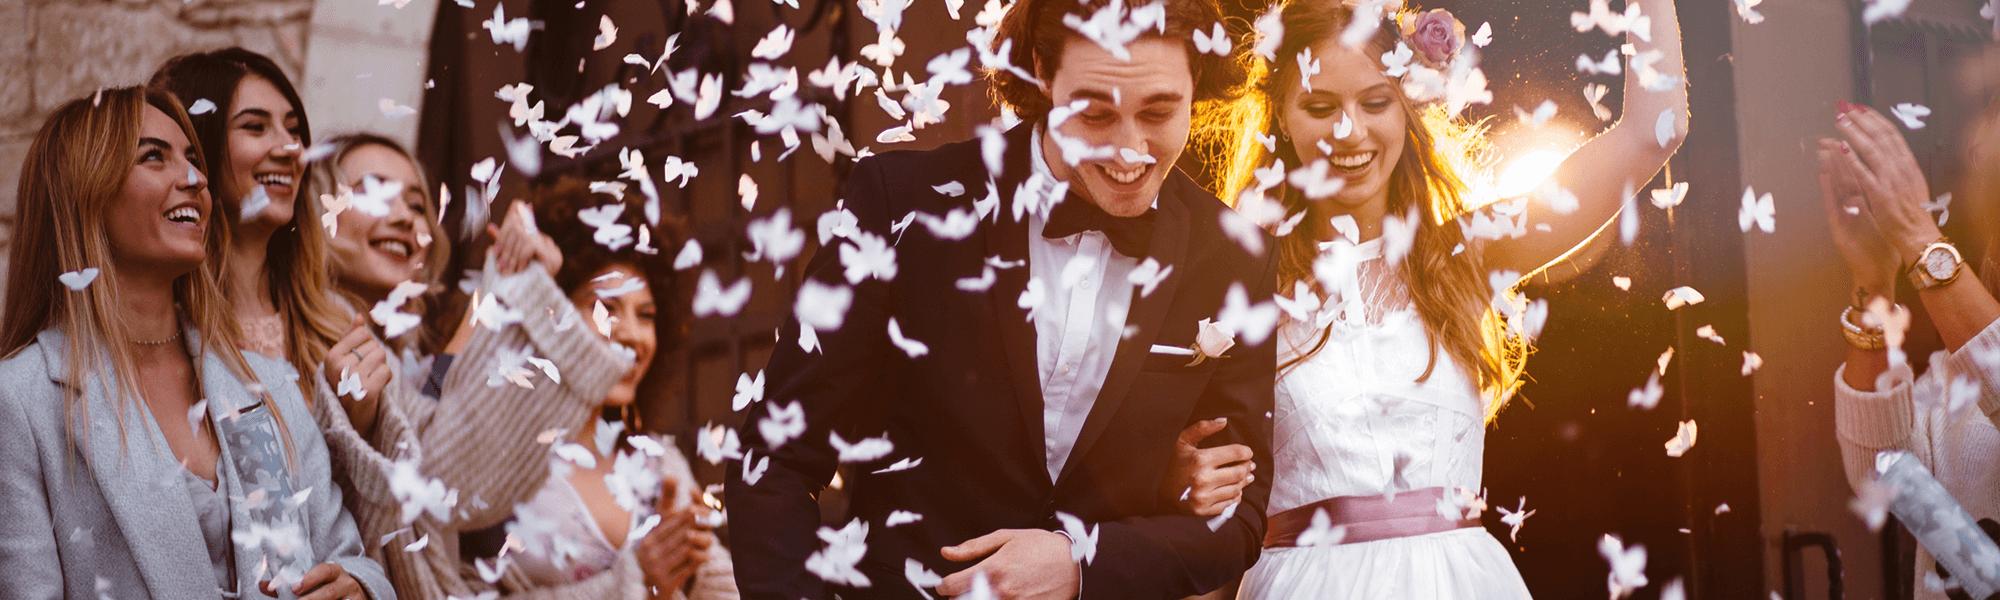 Die fünf schönsten Romantikziele für Honeymooner